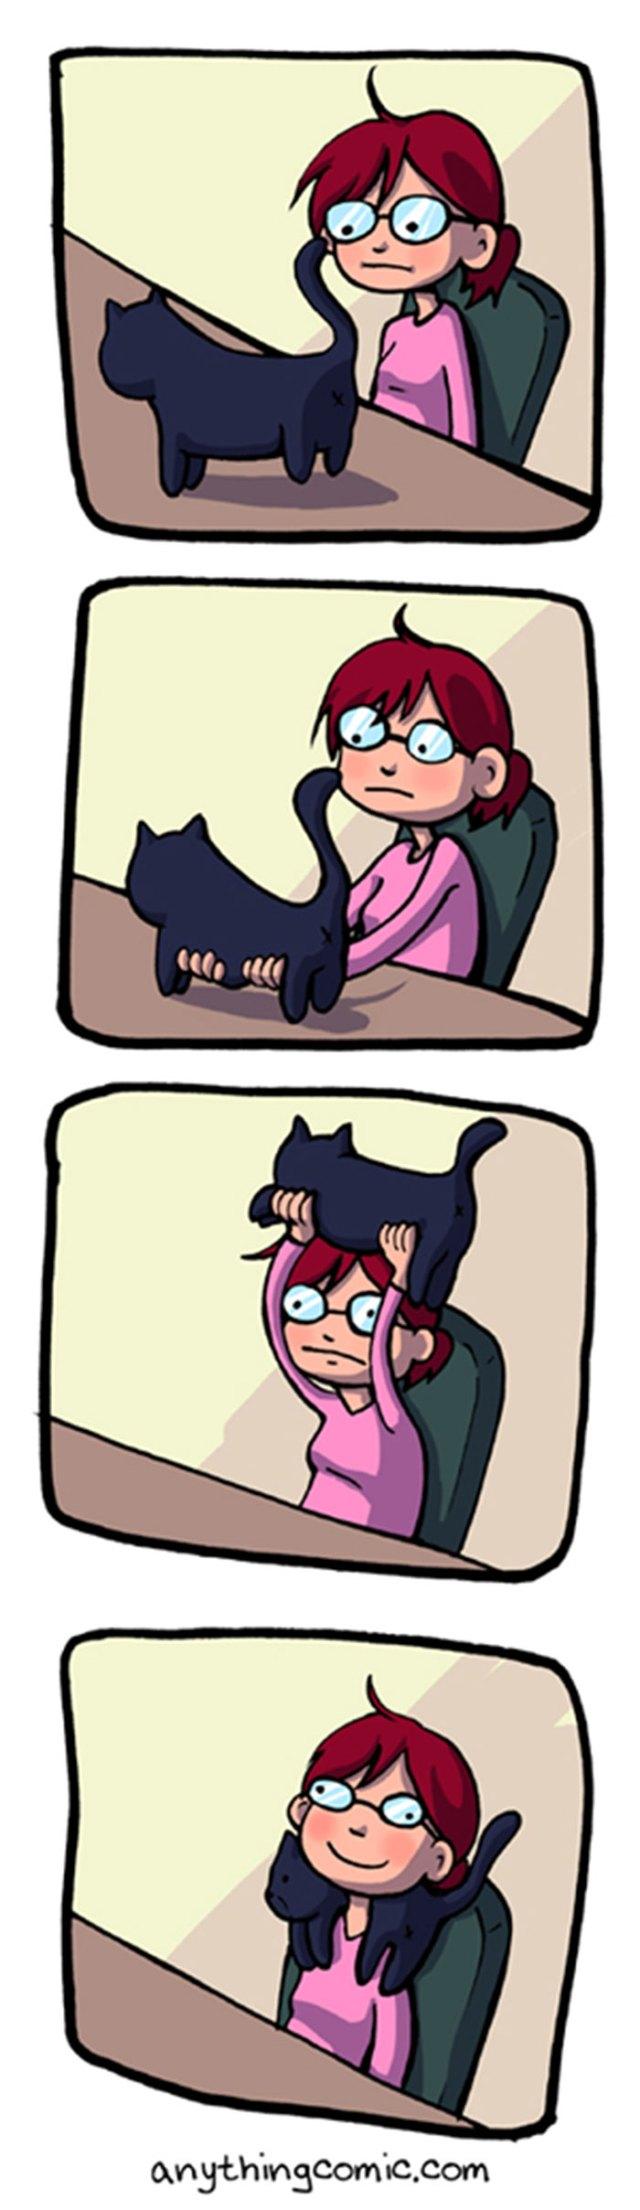 webcomic-gatos-anything-kelly-angel (8)